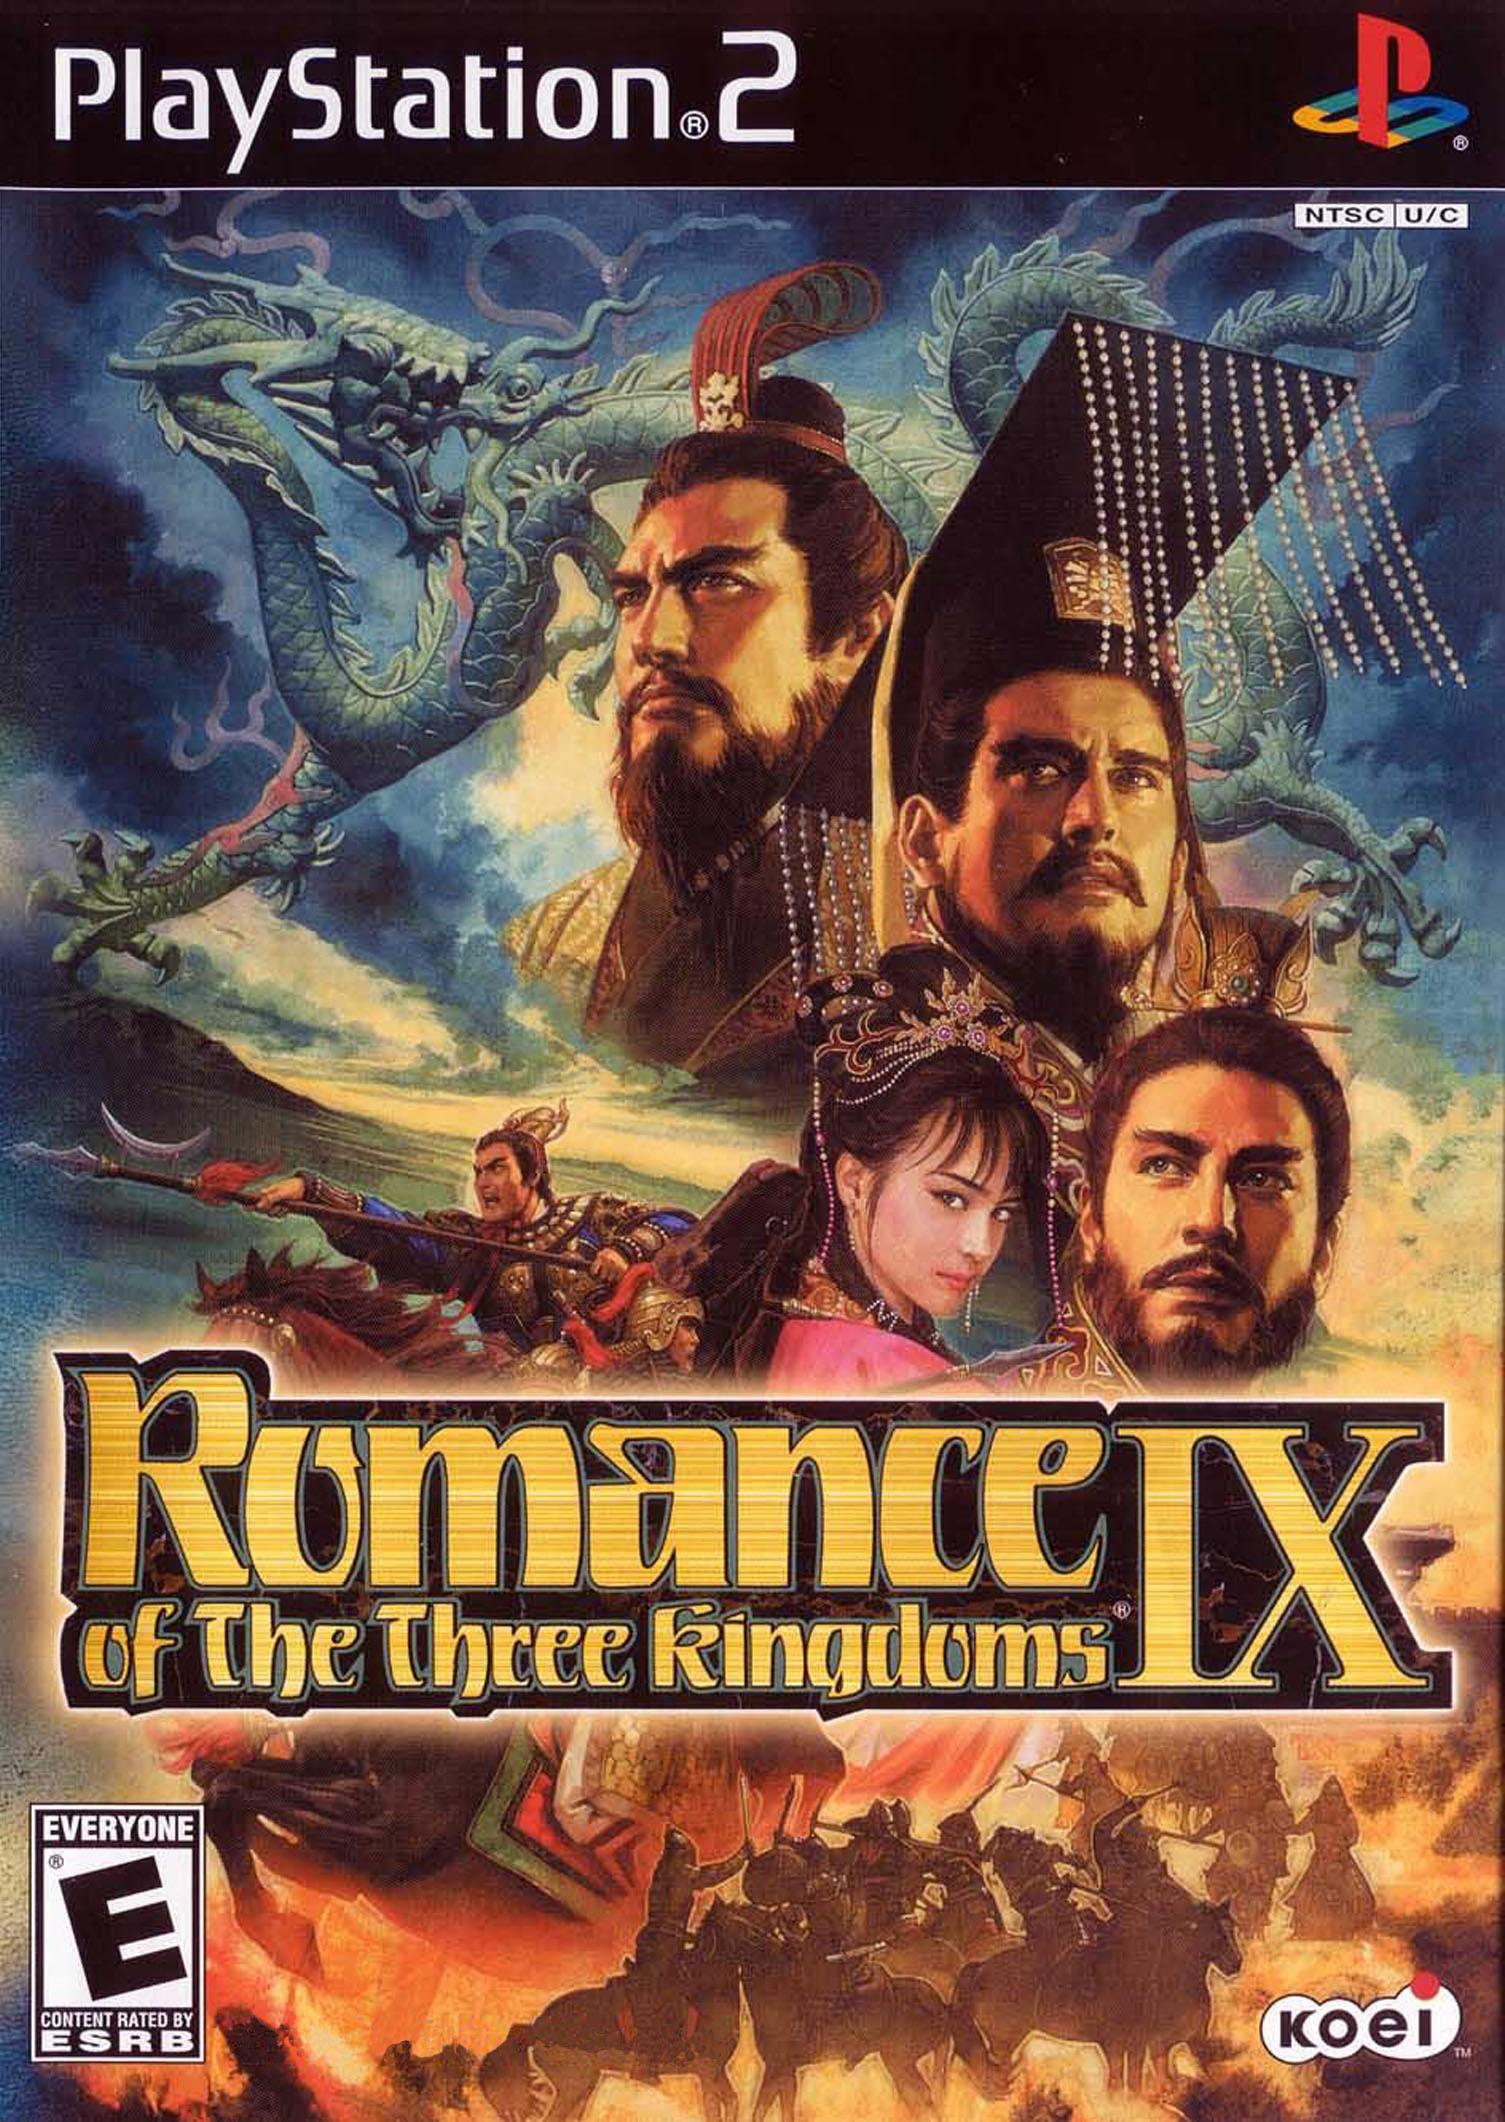 Romance of the three kingdoms IX/PS2